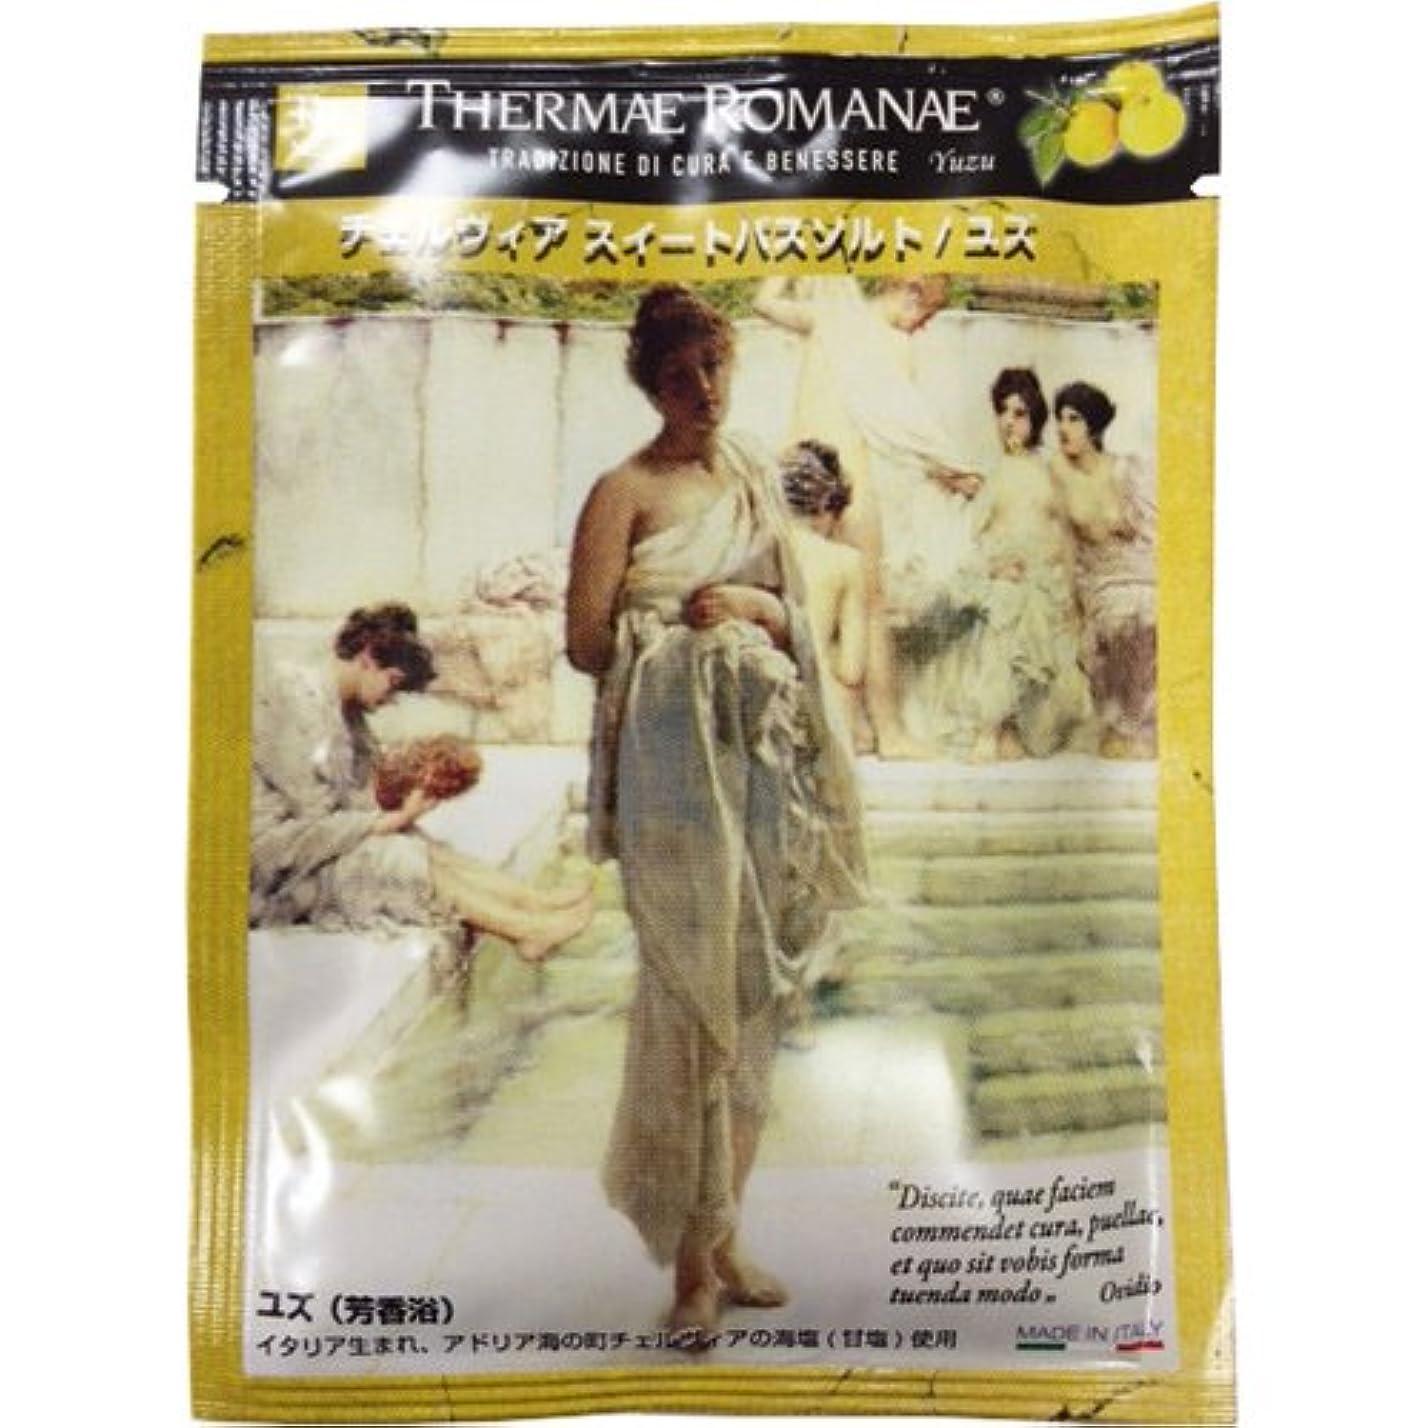 老朽化したみなさん苦痛THERMAE ROMANAE(テルマエ ロマエ) チェルヴィア スイート バスソルト40g ユズ